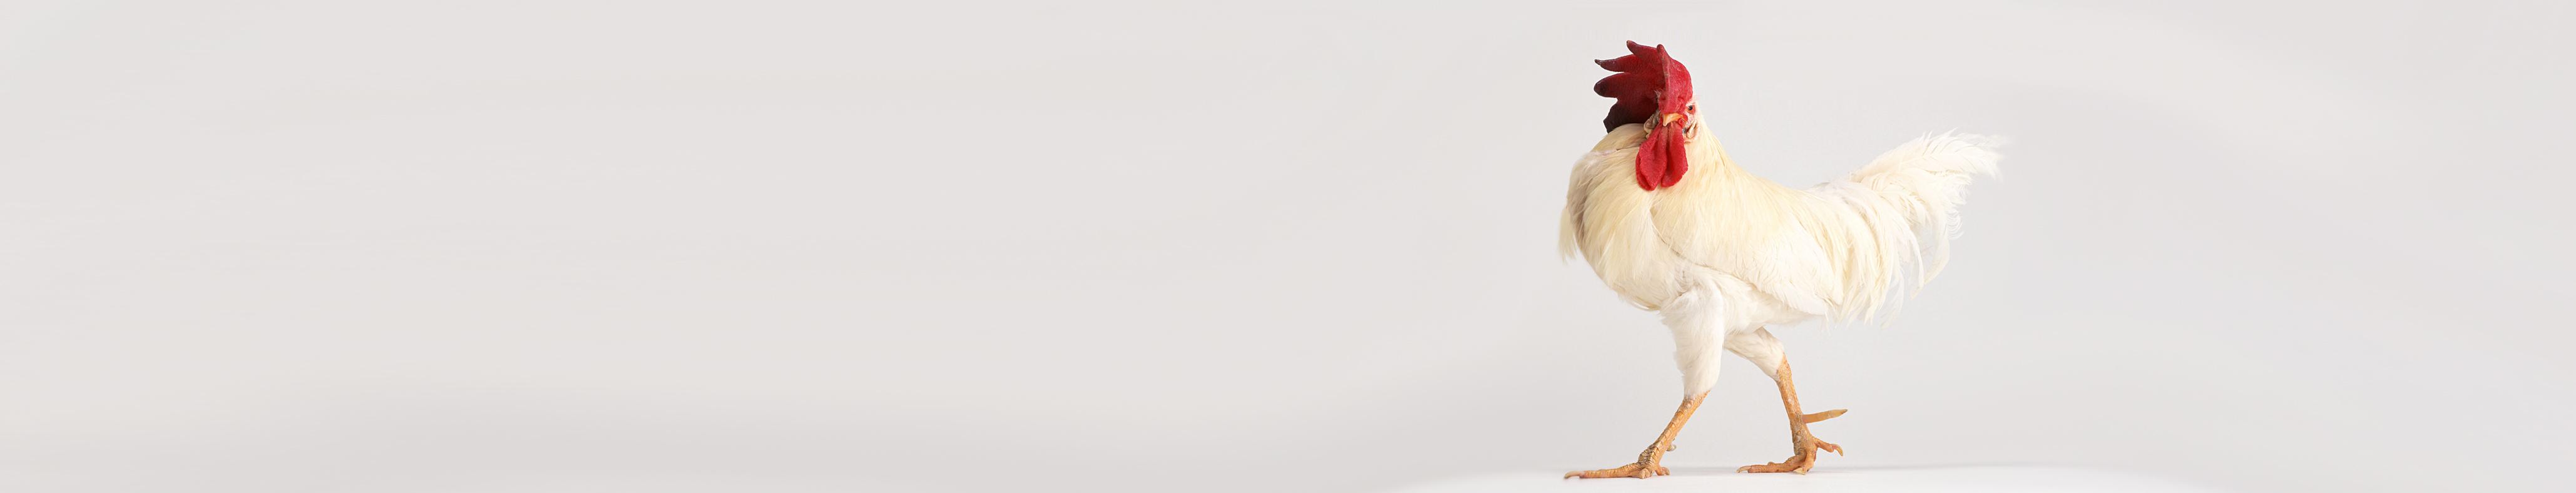 Ein stolzer Hahn läuft vor einem grauen Hintergrund entlang.